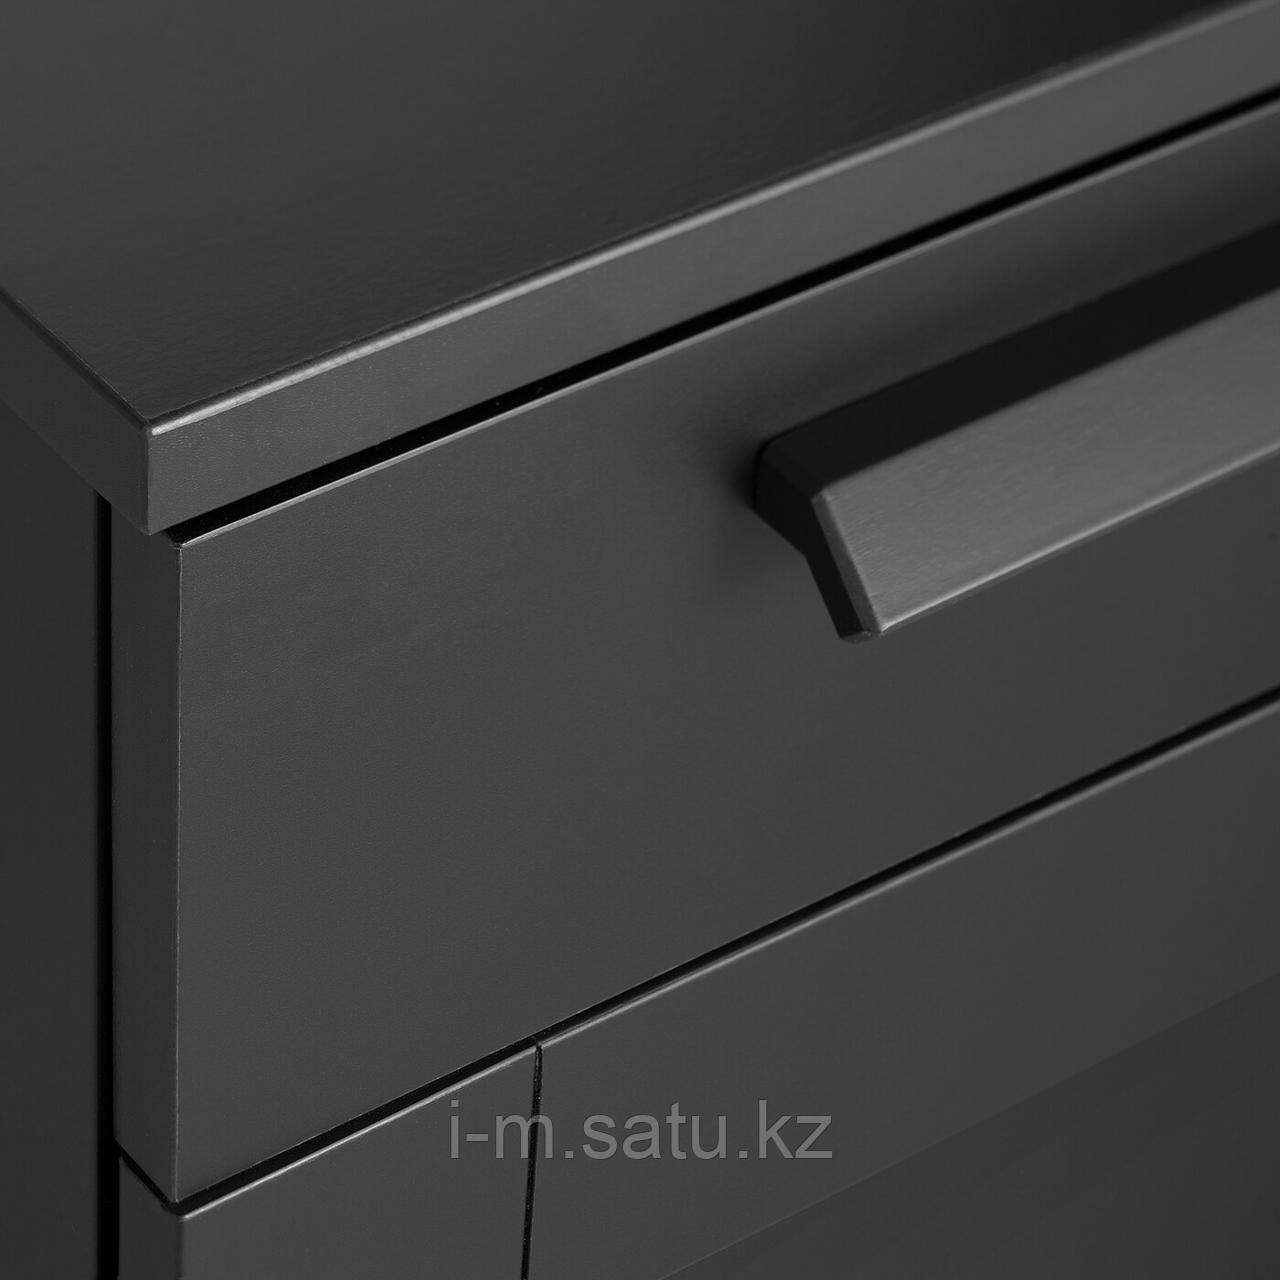 Тумба с ящиками на колесах, черный, 35x68 см